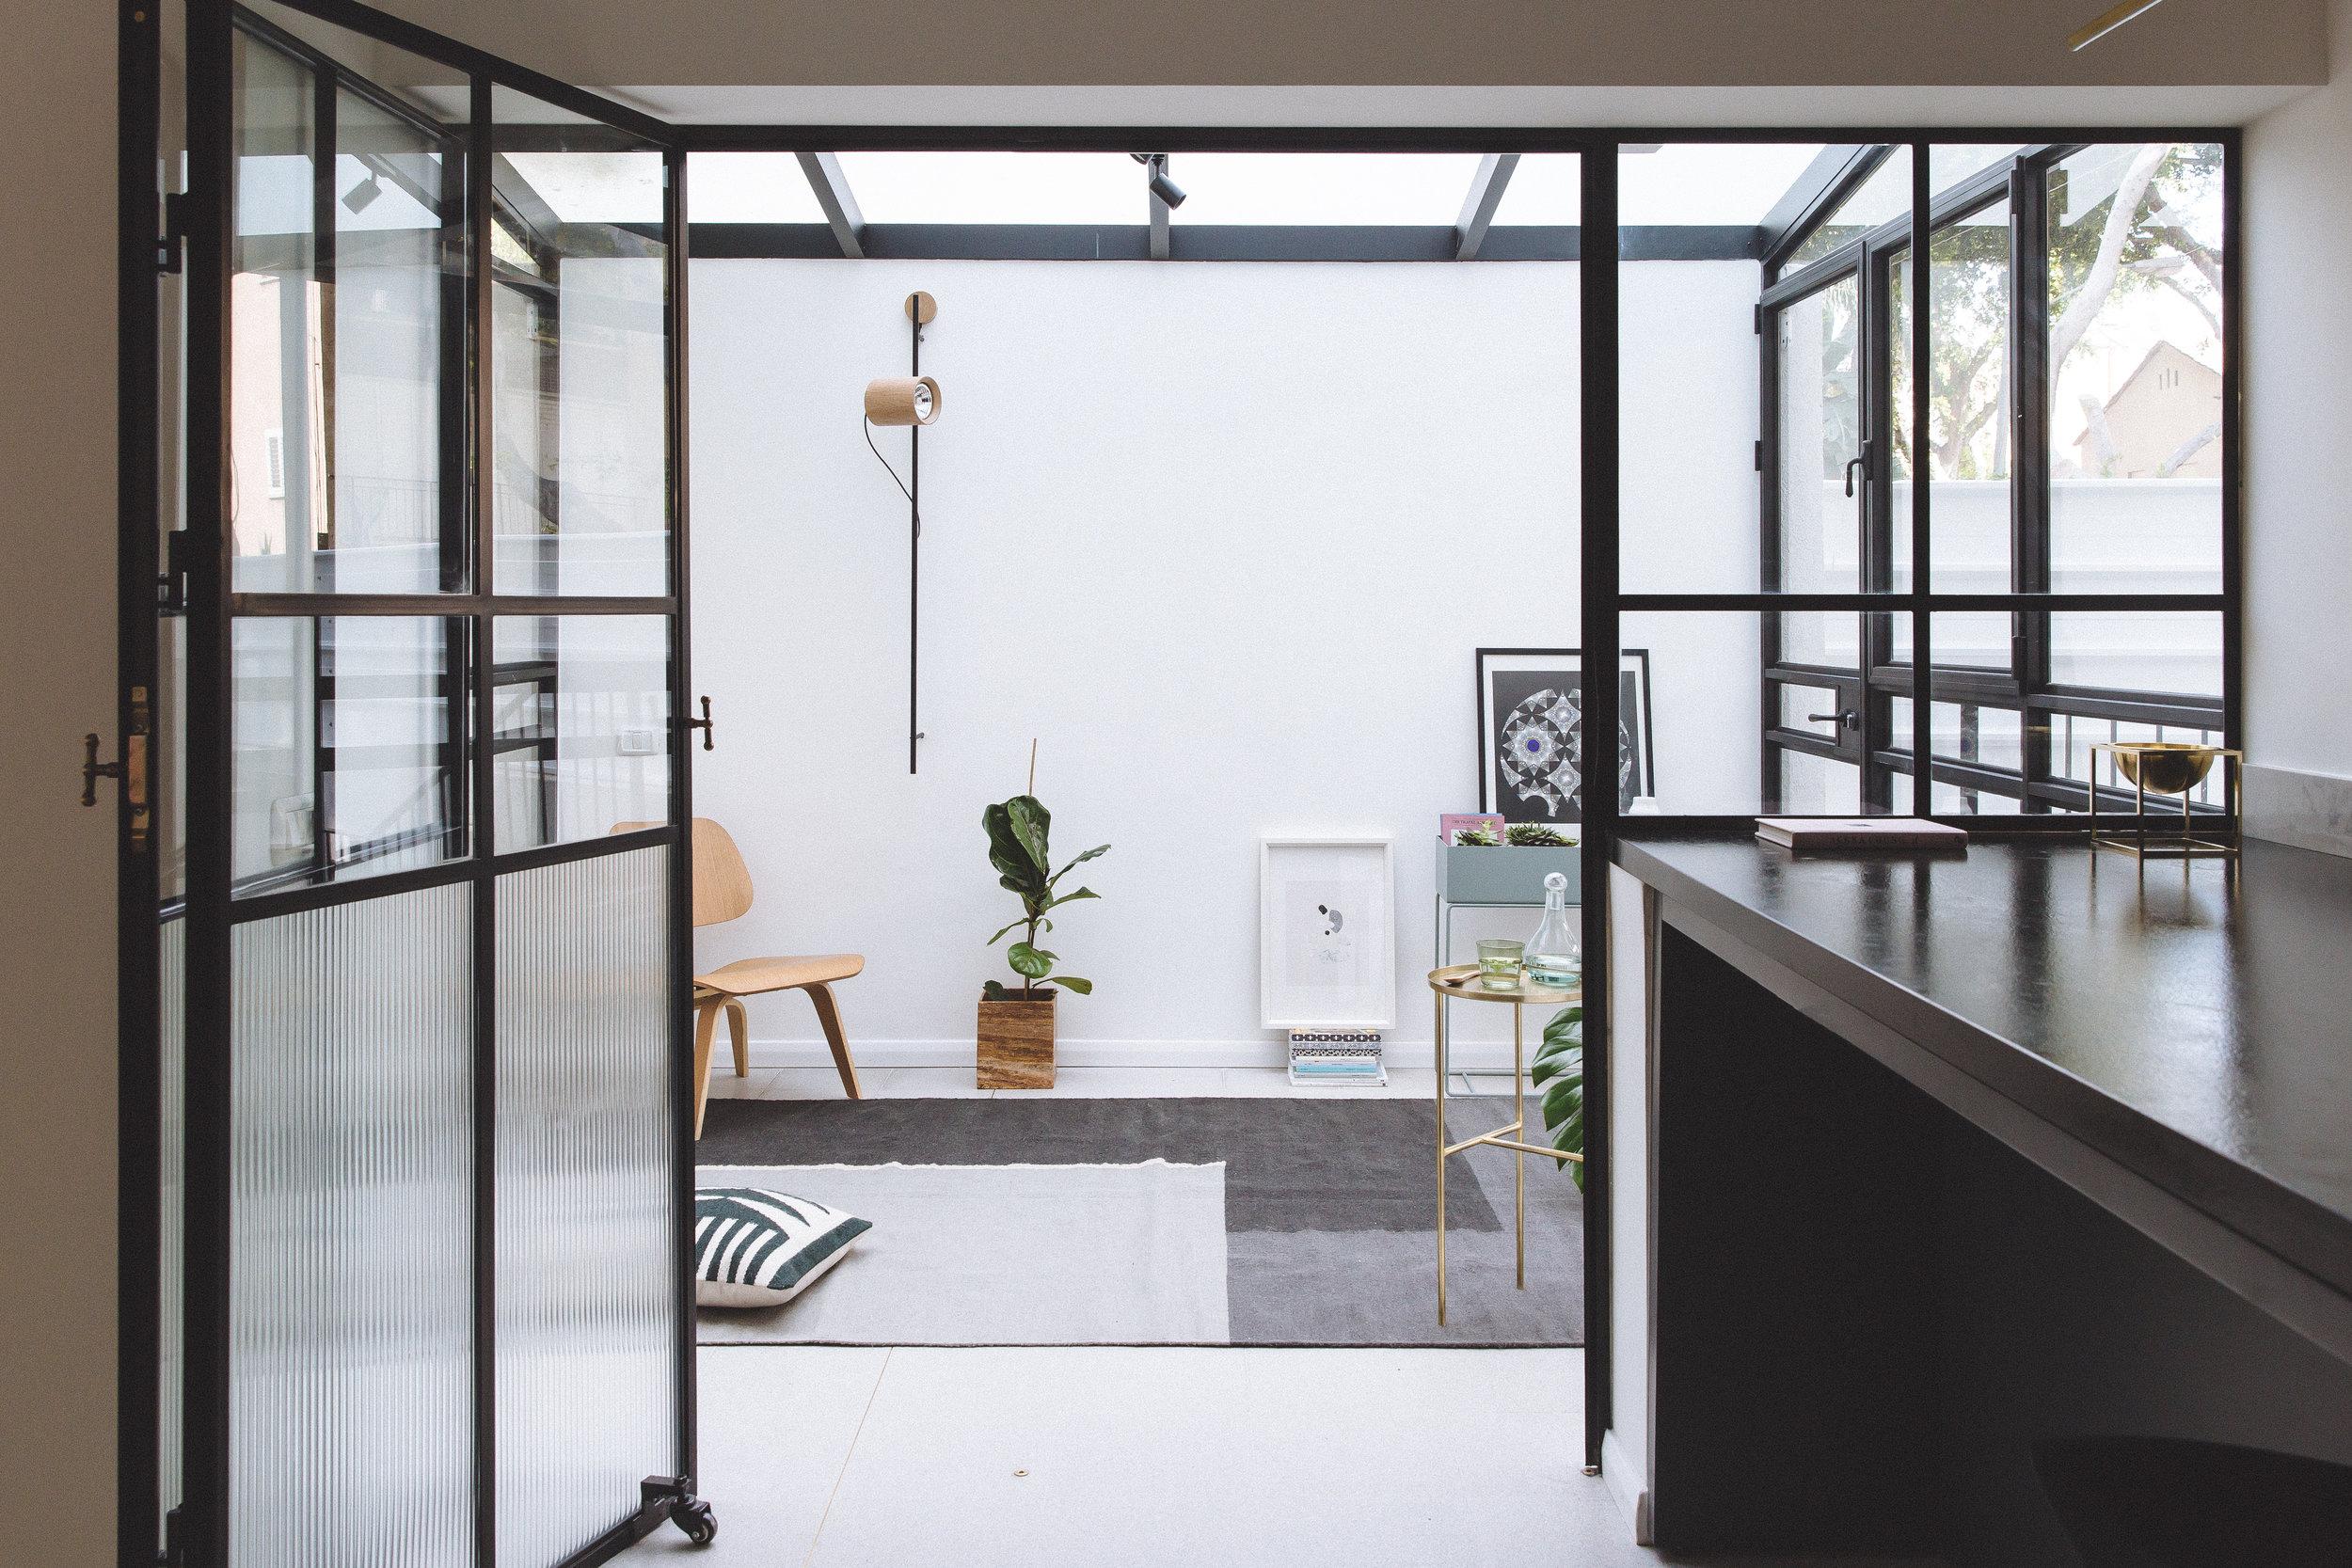 Patio. Glass and steel doors. Ferm living, eames chair. Weinbroom light